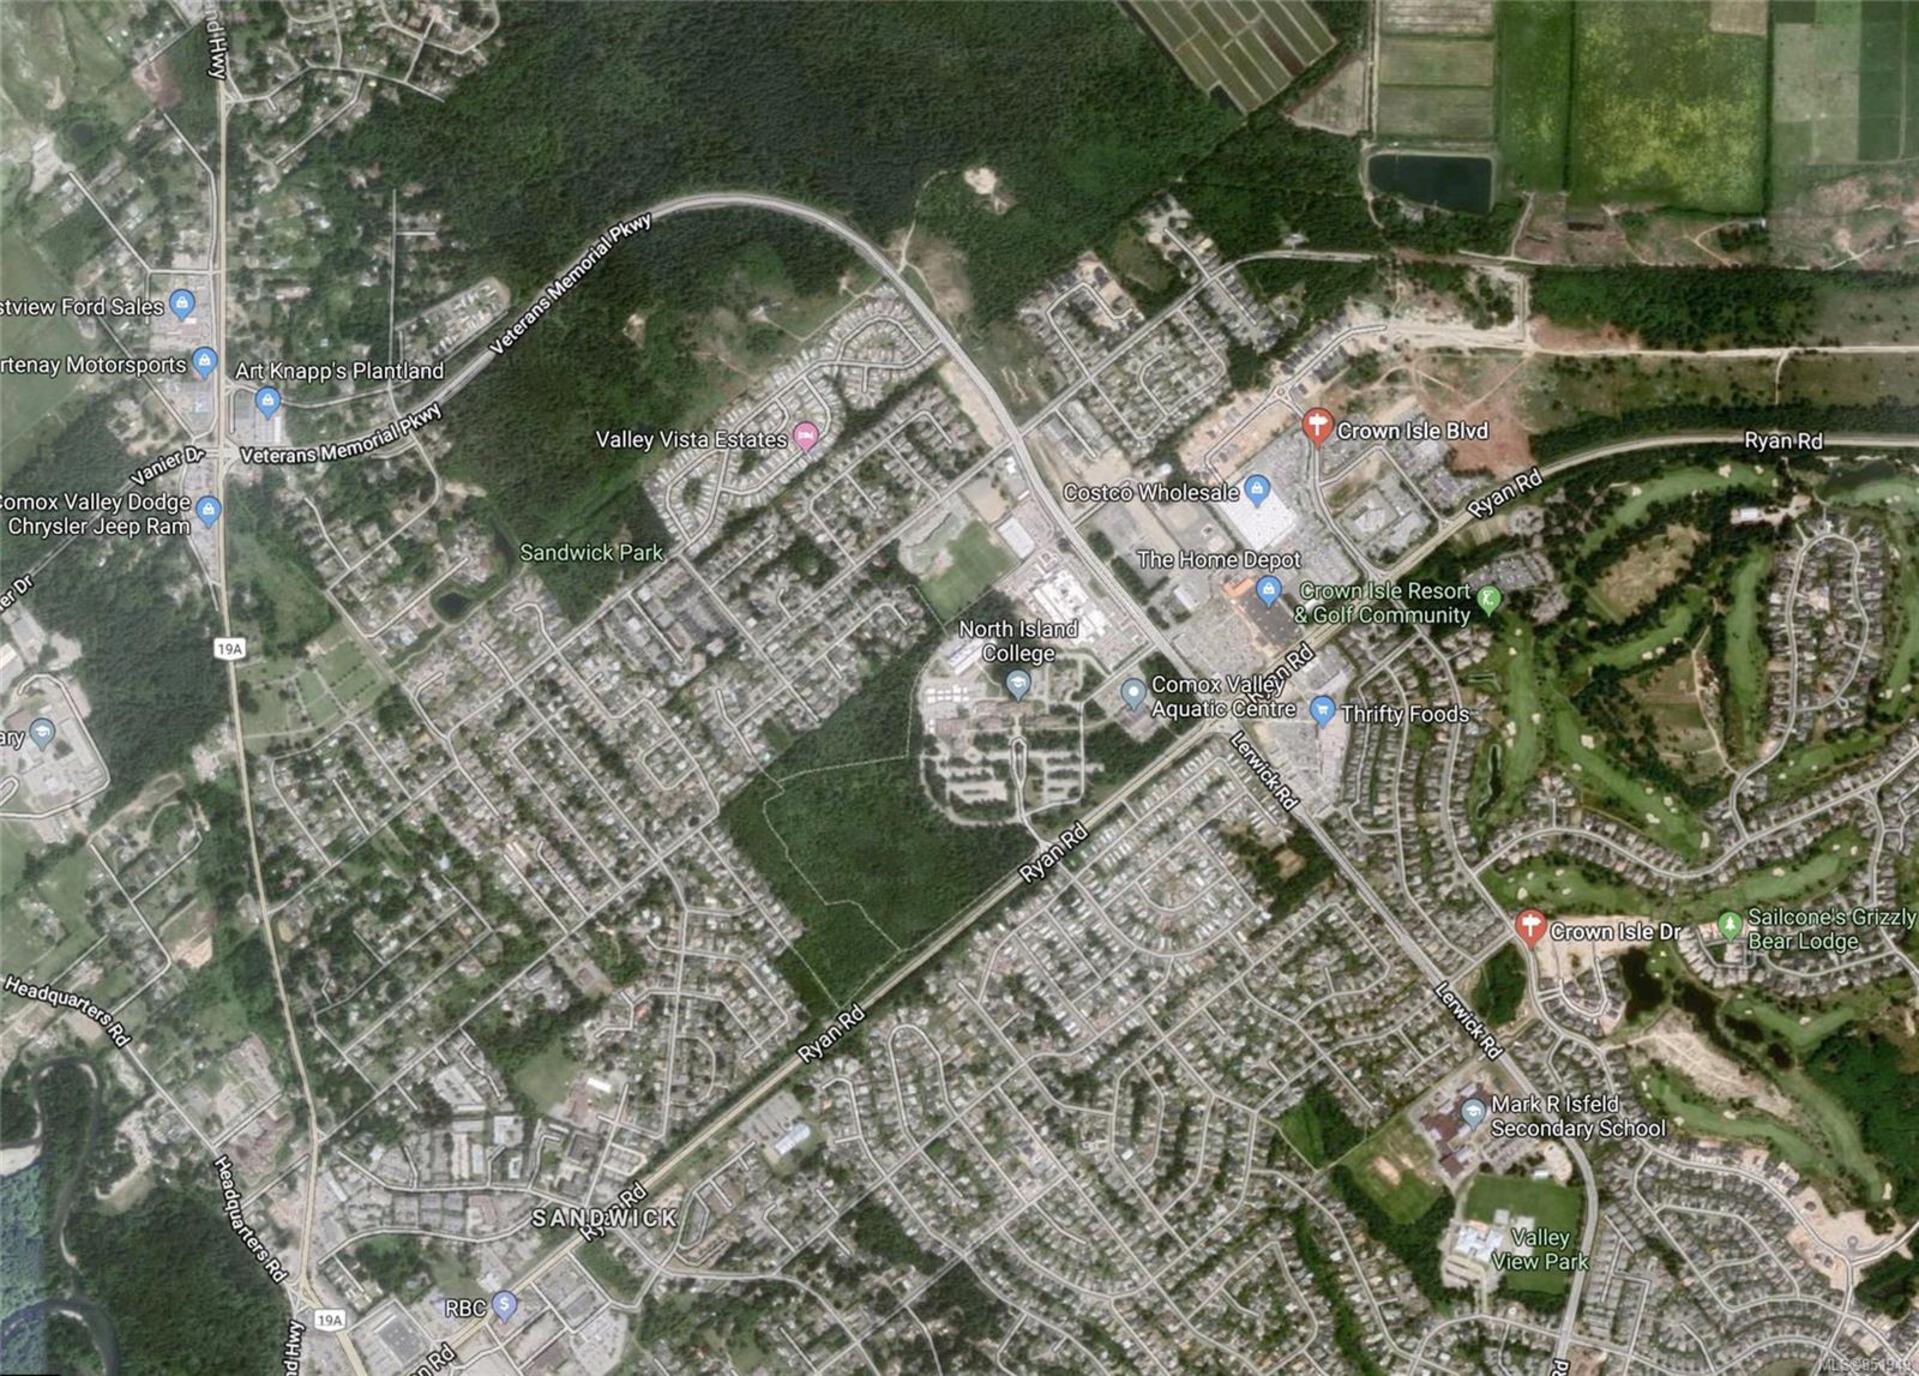 623-crown-isle-boulevard-crown-isle-comox-valley-03 at SL 9 - 623 Crown Isle Boulevard, Crown Isle, Comox Valley